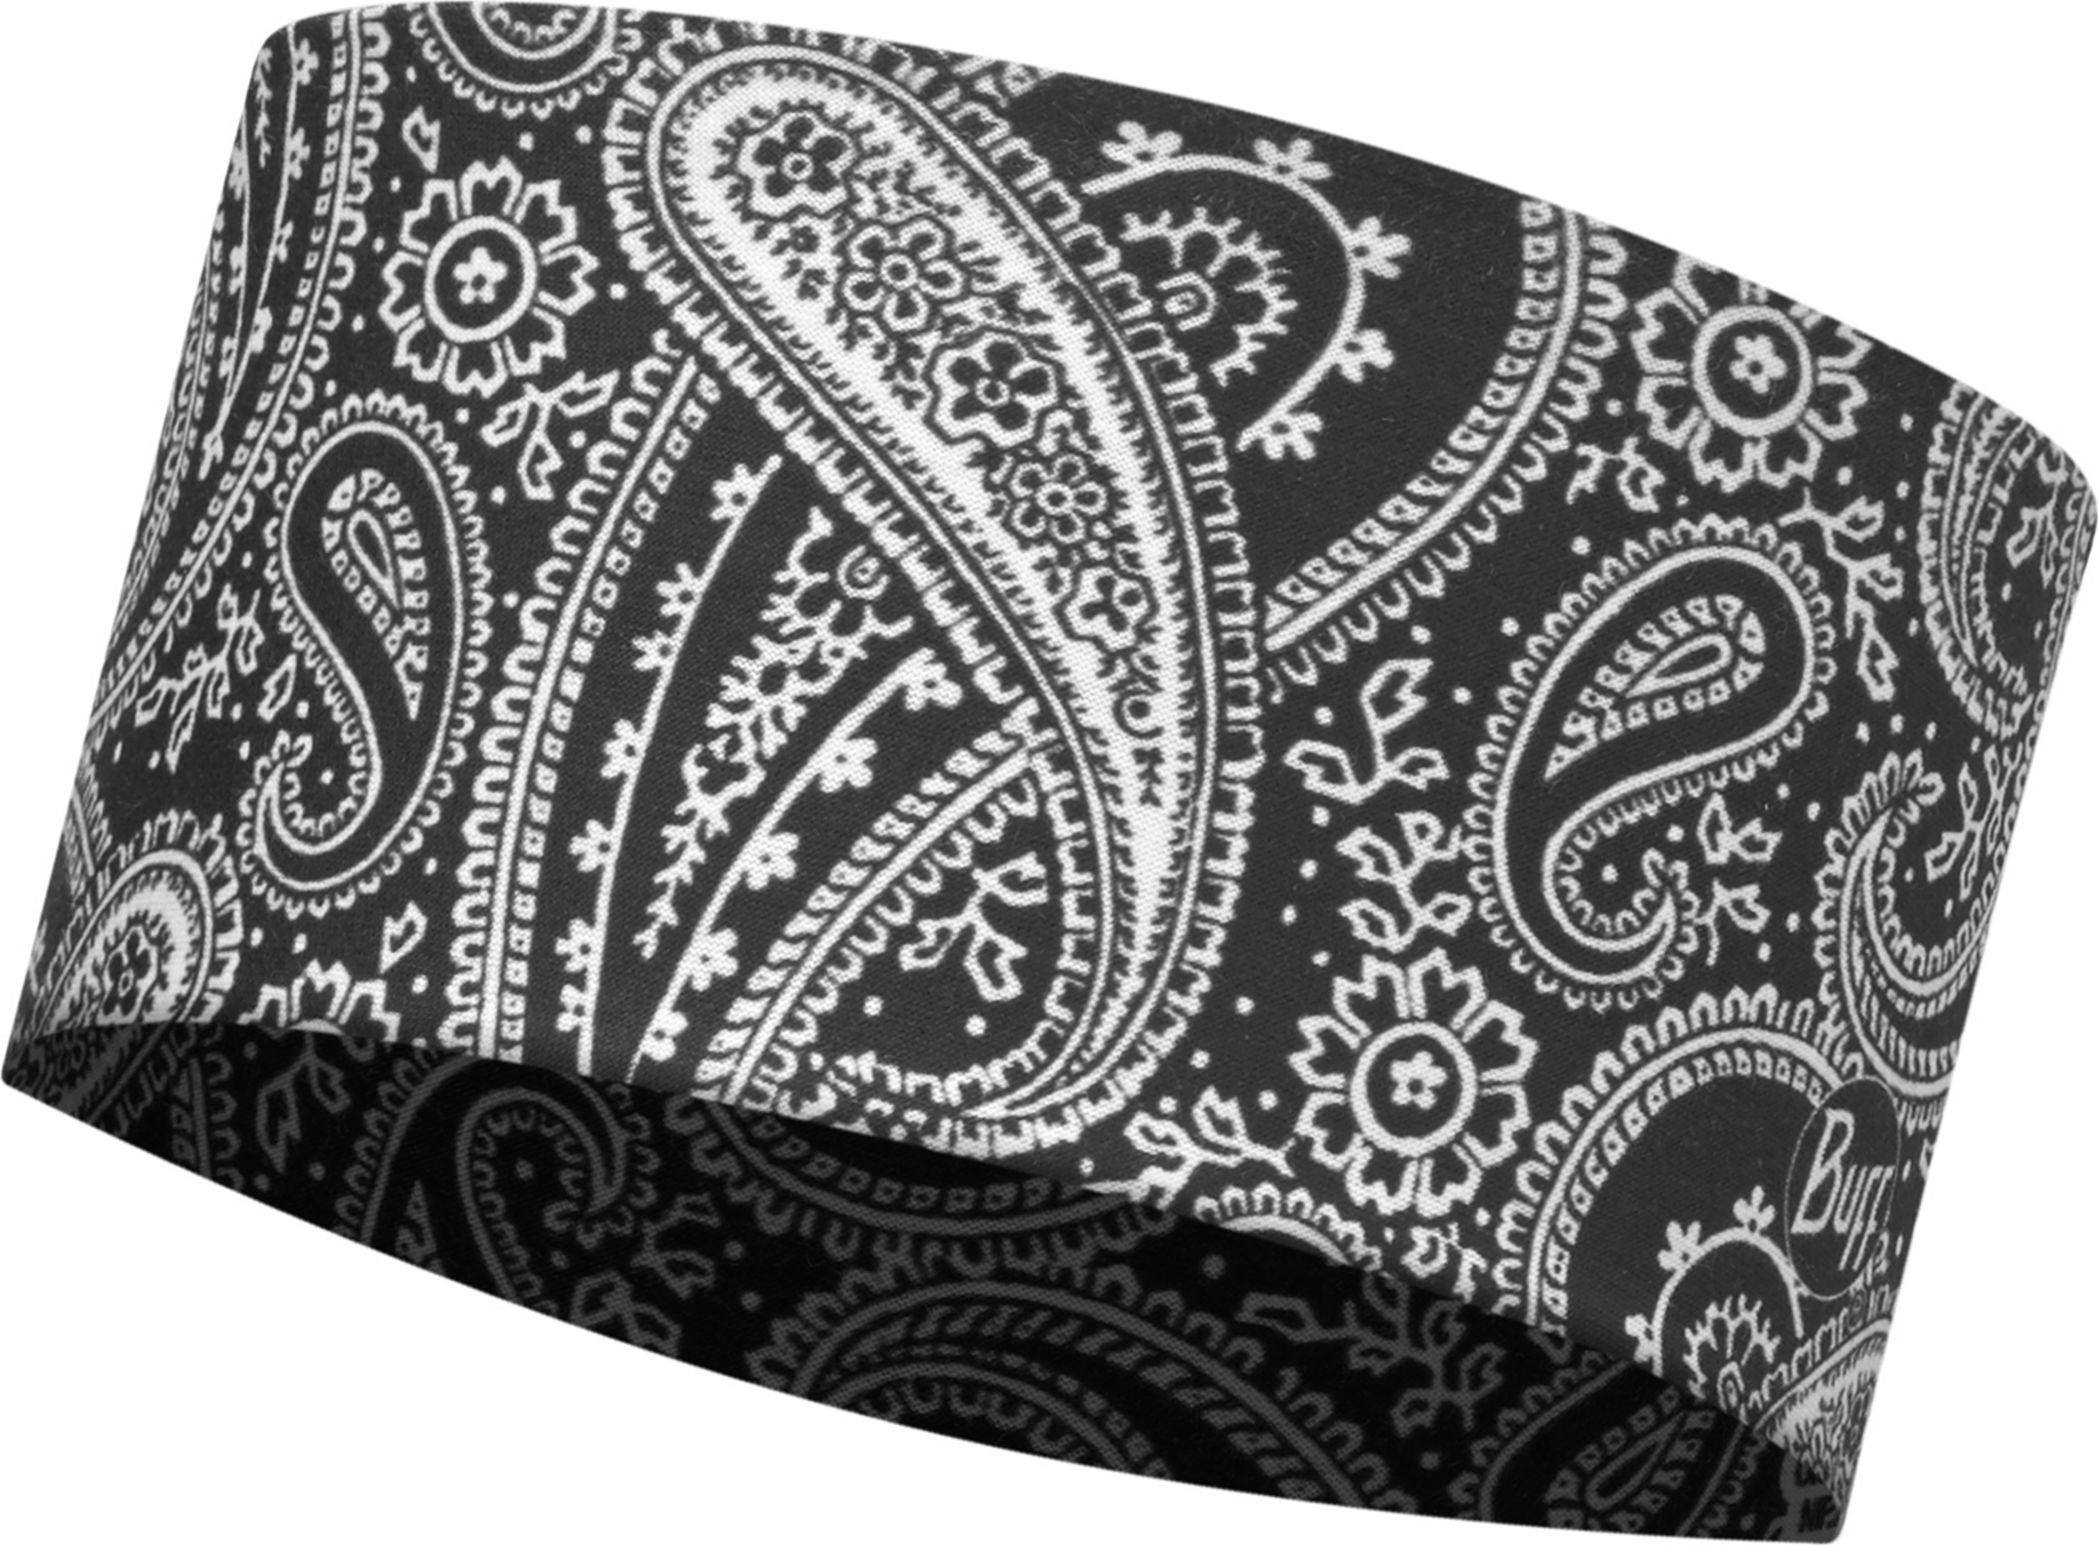 Повязка Buff Headband Cail Black, цвет: черный. 108720.00108720.00Повязка унисекс Active Headband BUFF® – оригинальный головной убор, который можно носить разными способами. Наиболее популярные варианты – повязка, резинка для хвоста, напульсник, маска от пыли, шарф. Повязка Buff защитит вас от солнца, ветра, пыли. Она не занимает много места и ее всегда можно взять с собой «на всякий случай». Идеальный аксессуар для занятий спортом, путешествий и повседневного использования. Состав: 100% полиэстер CoolMax Extreme. Высокотехнологичный материал с особой четырех канальной структурой. Обладает свойствами невероятно быстро отводить влагу и высыхать, в отличие от других видов полиэстера. Материал очень мягкий, приятный на ощупь, хорошо «дышит», гипоаллергенный. Фактор защиты от солнечного излучения: блокируется 95% UV-излучения, снижается негативное воздействие на организм. Polygiene – технология внедрения ионов серебра, в результате ткань обладает длительным антибактериальным эффектом. Не возникают неприятные запахи пота, ткань дольше сохраняет свежесть и чистоту.